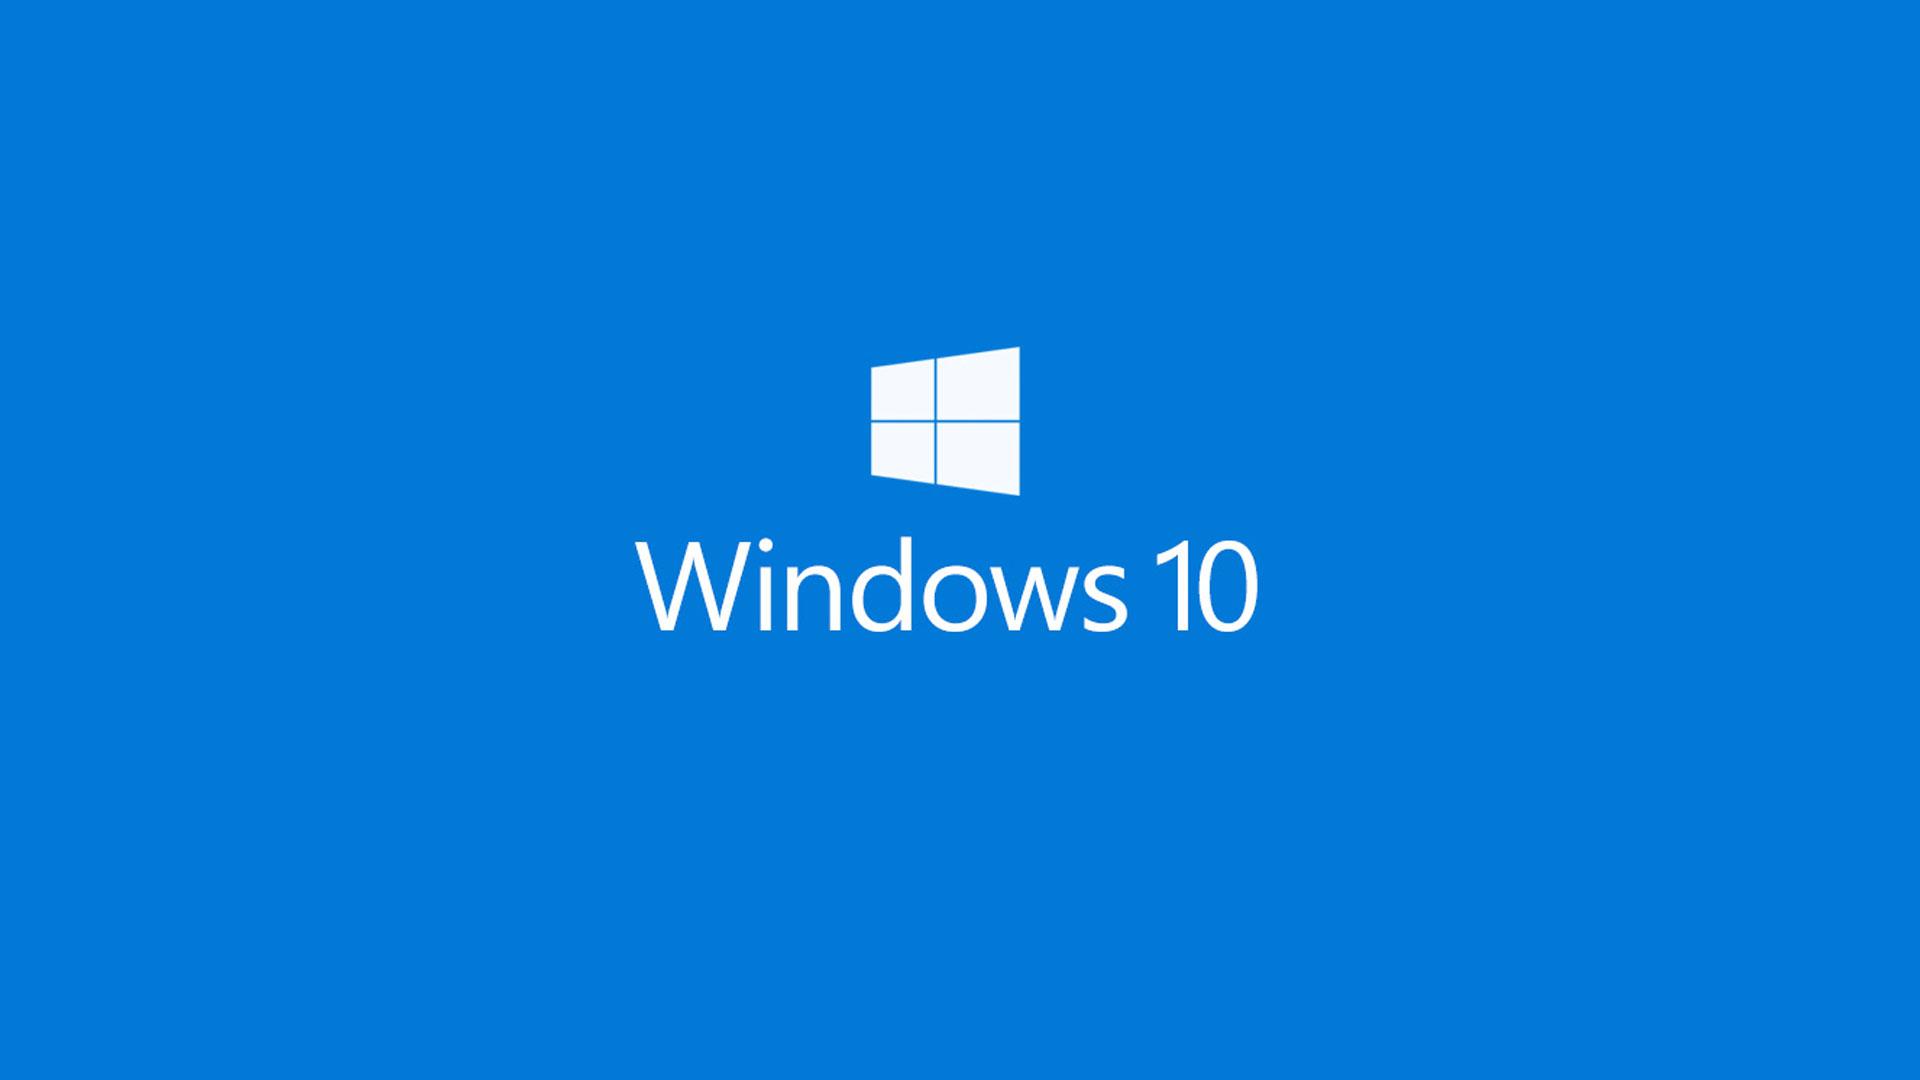 WINDOWS 10 ESSENTIALS TRAINING